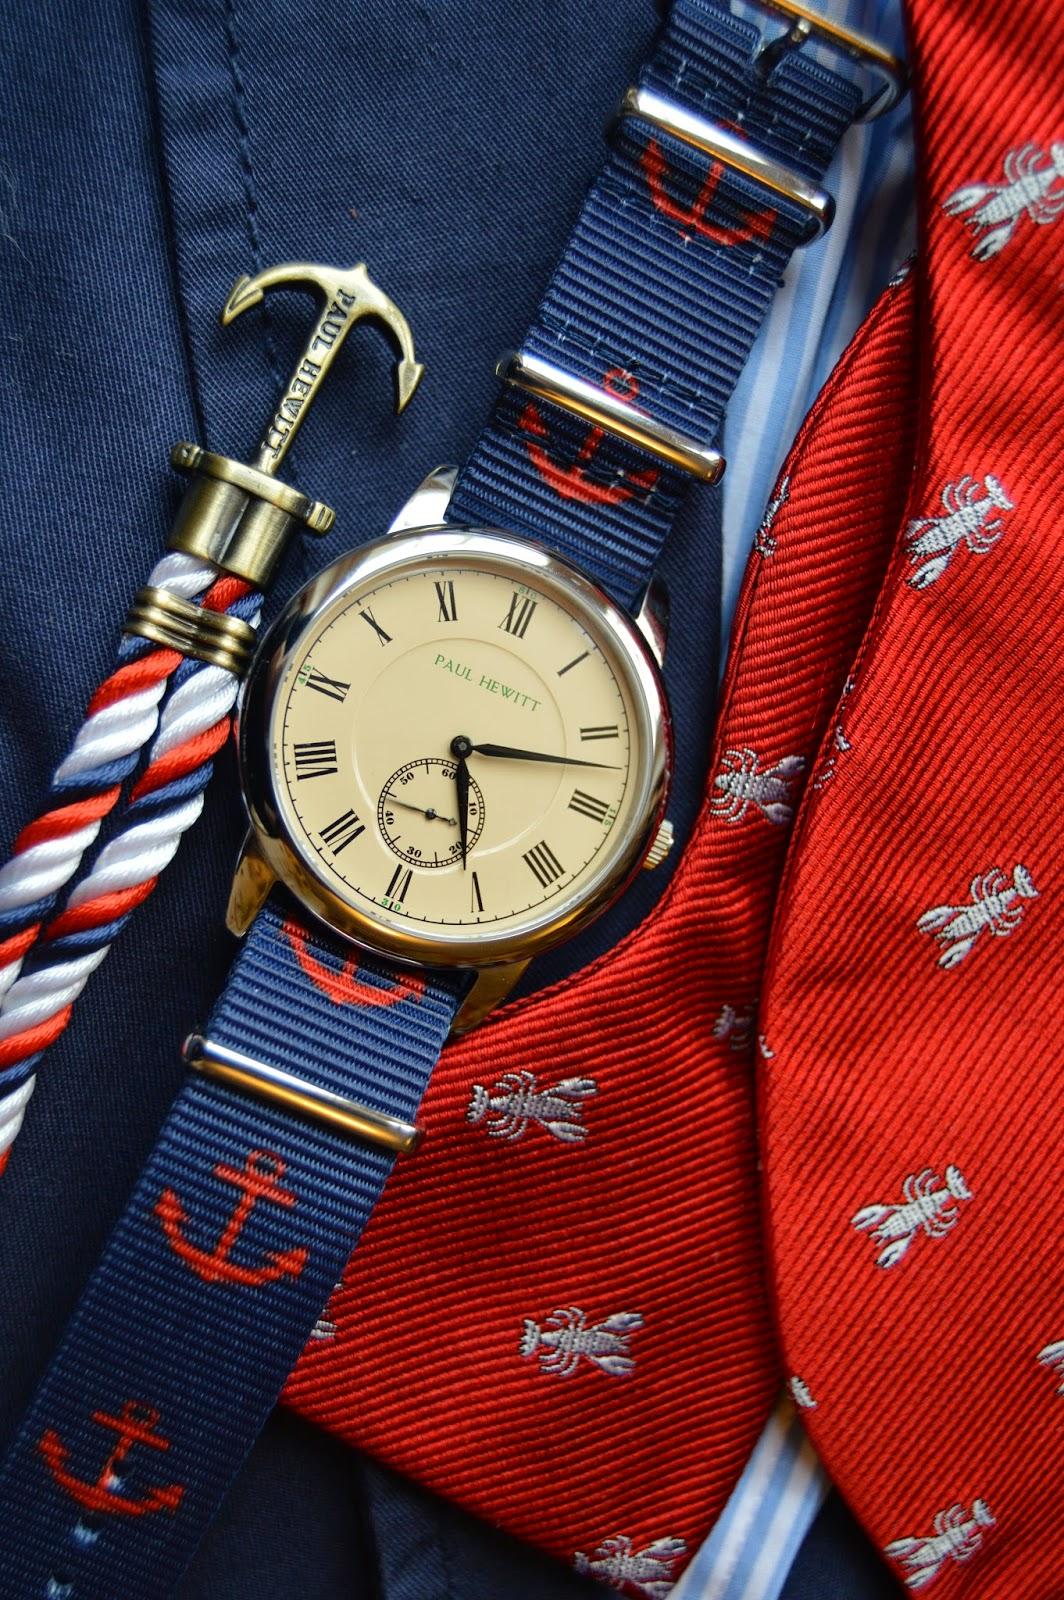 Sporty Wristwatch in the Preppy Style of Brand Paul Hewitt